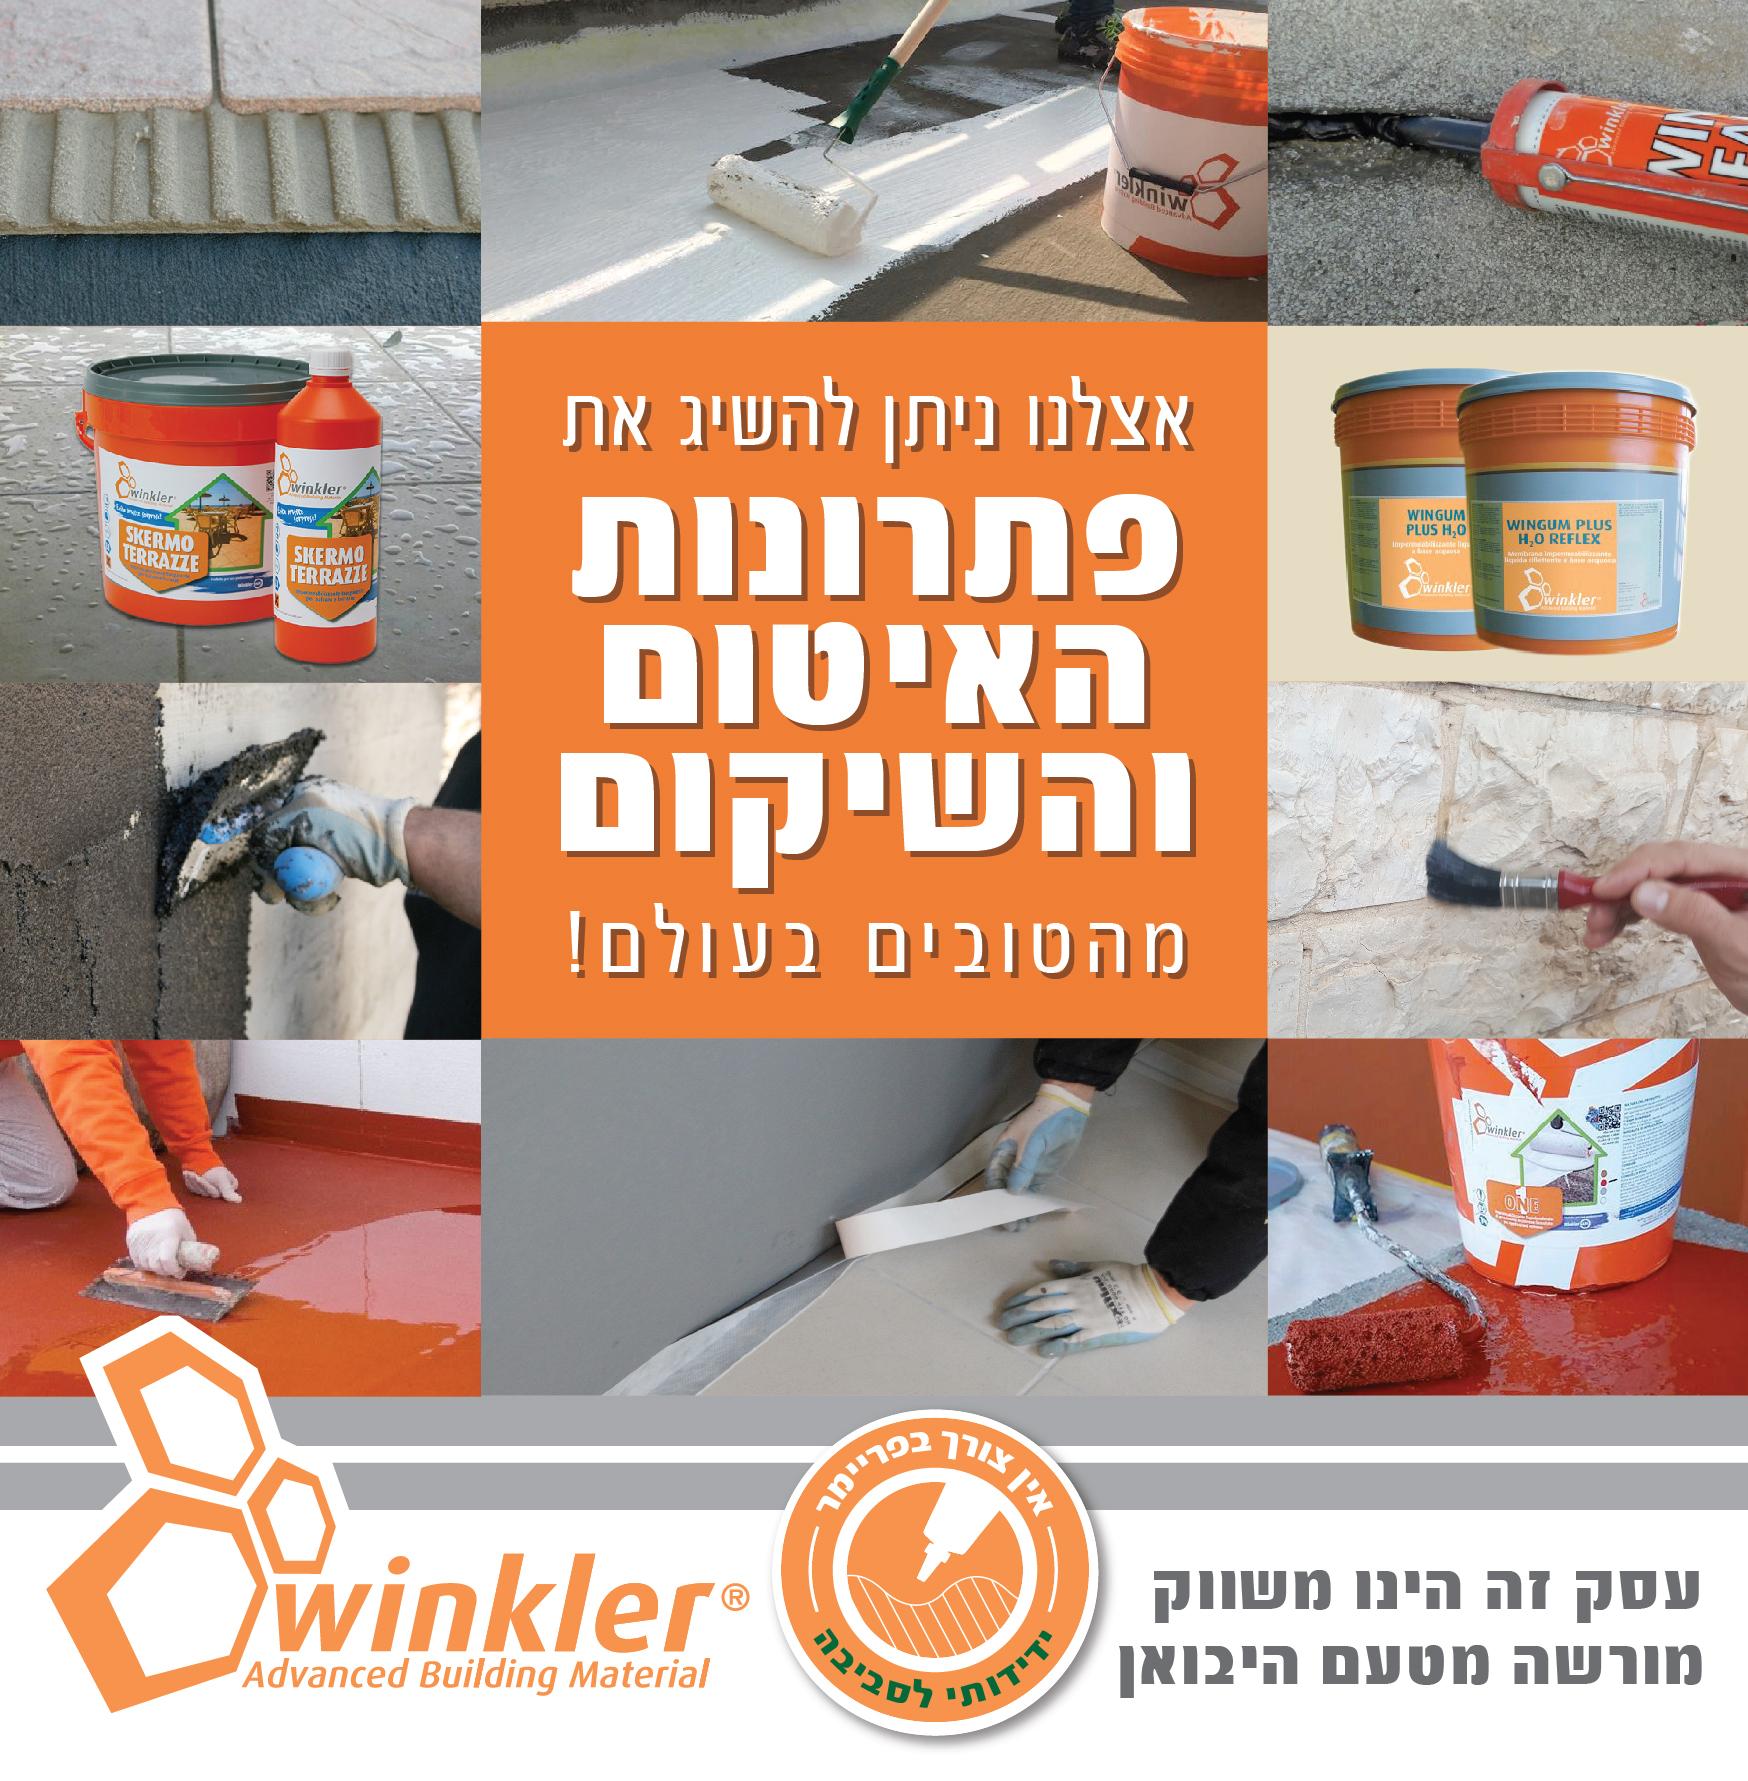 וינקלר-לחנויות